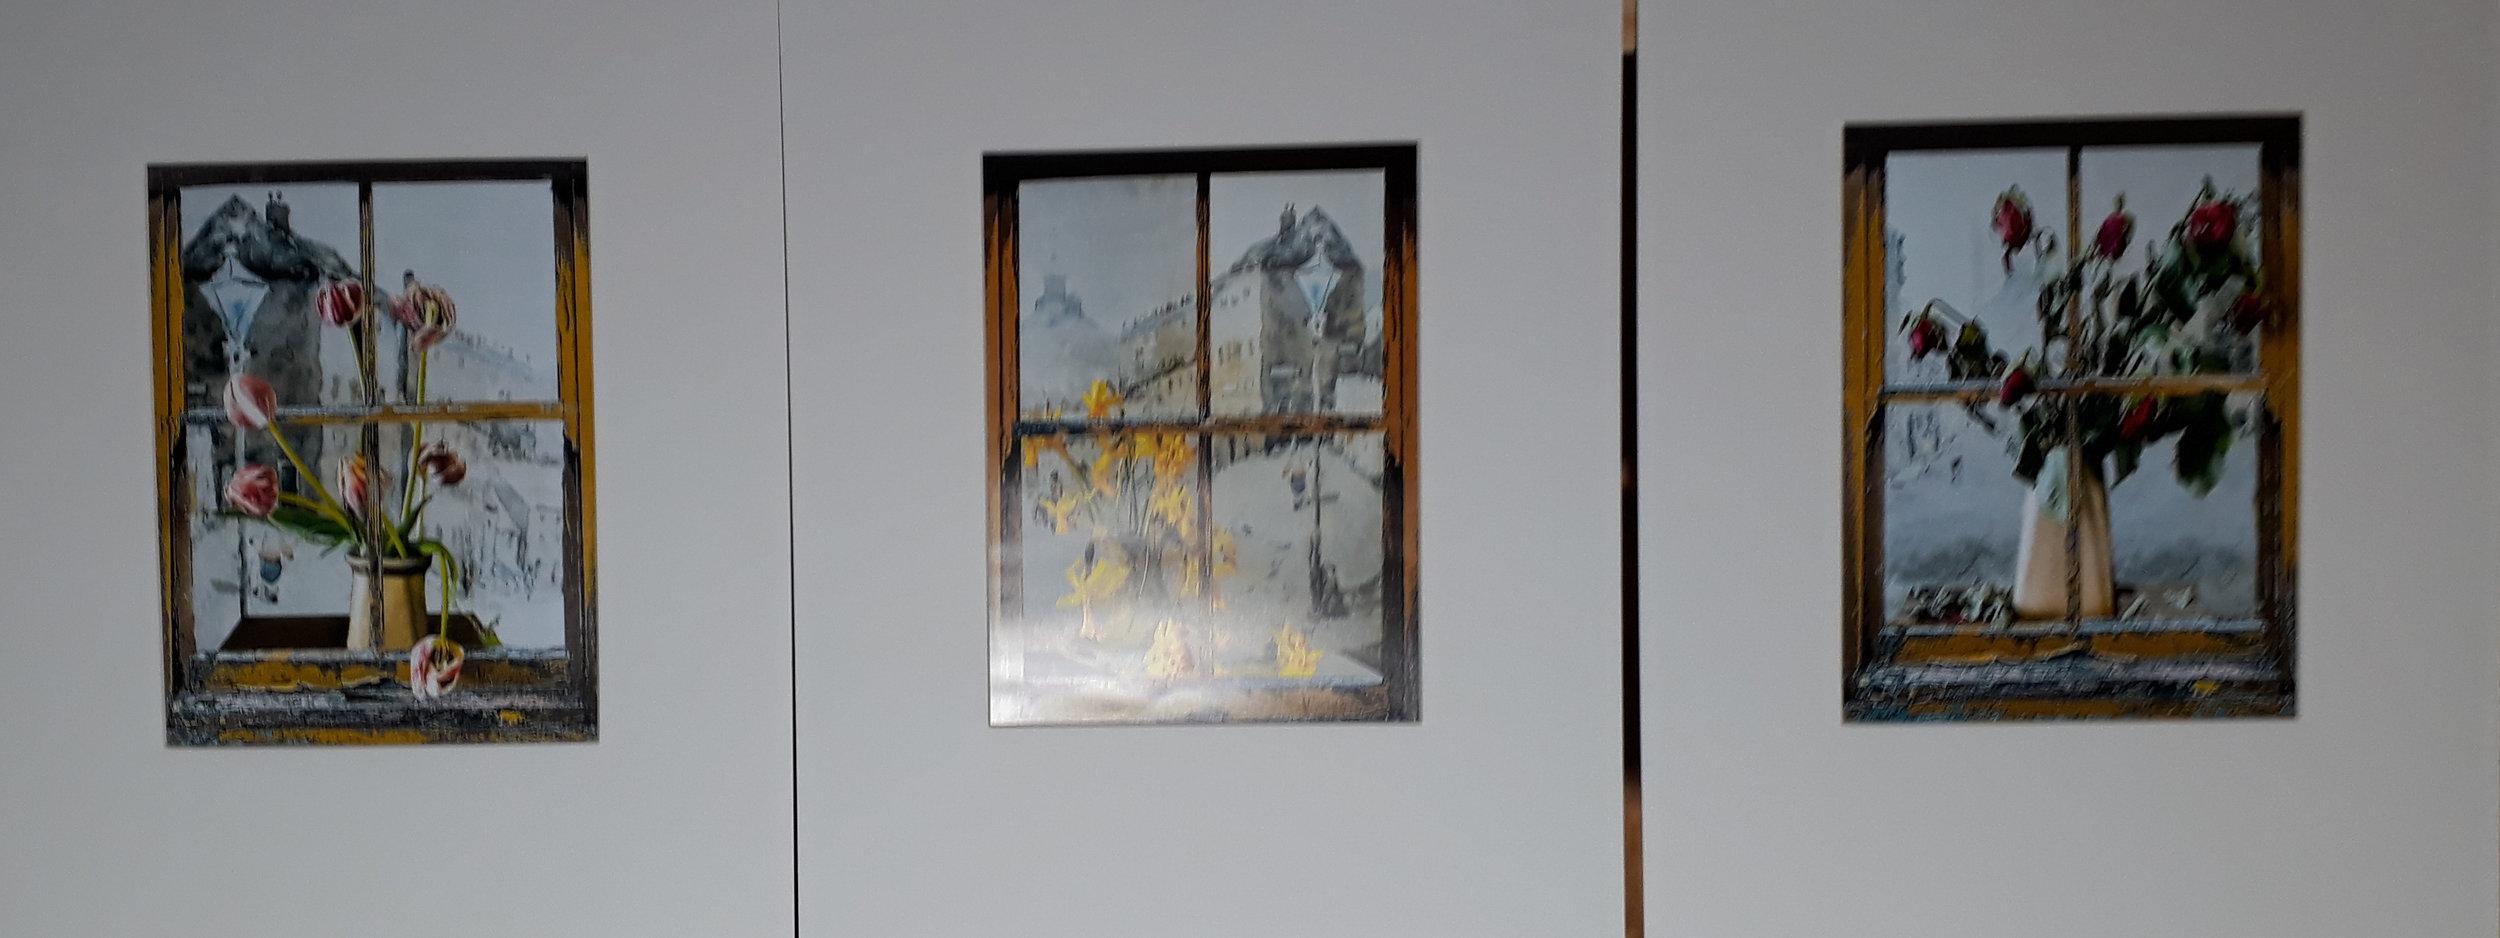 1 - Fading Flowers in the Window - Bill Mamatt